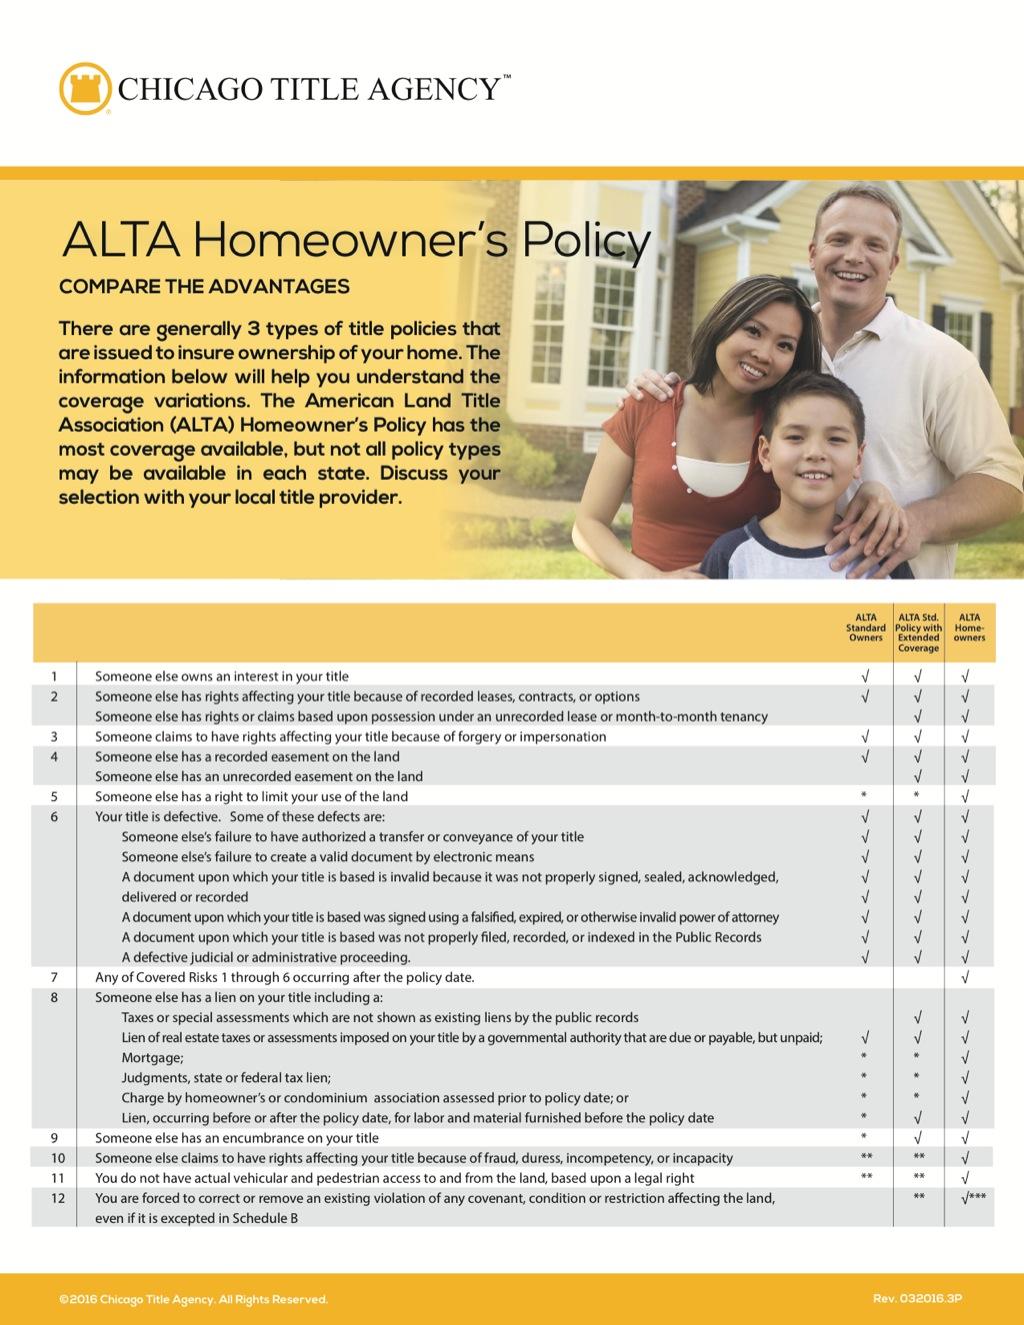 Corefact ALTA 3-Policy compare - CTA